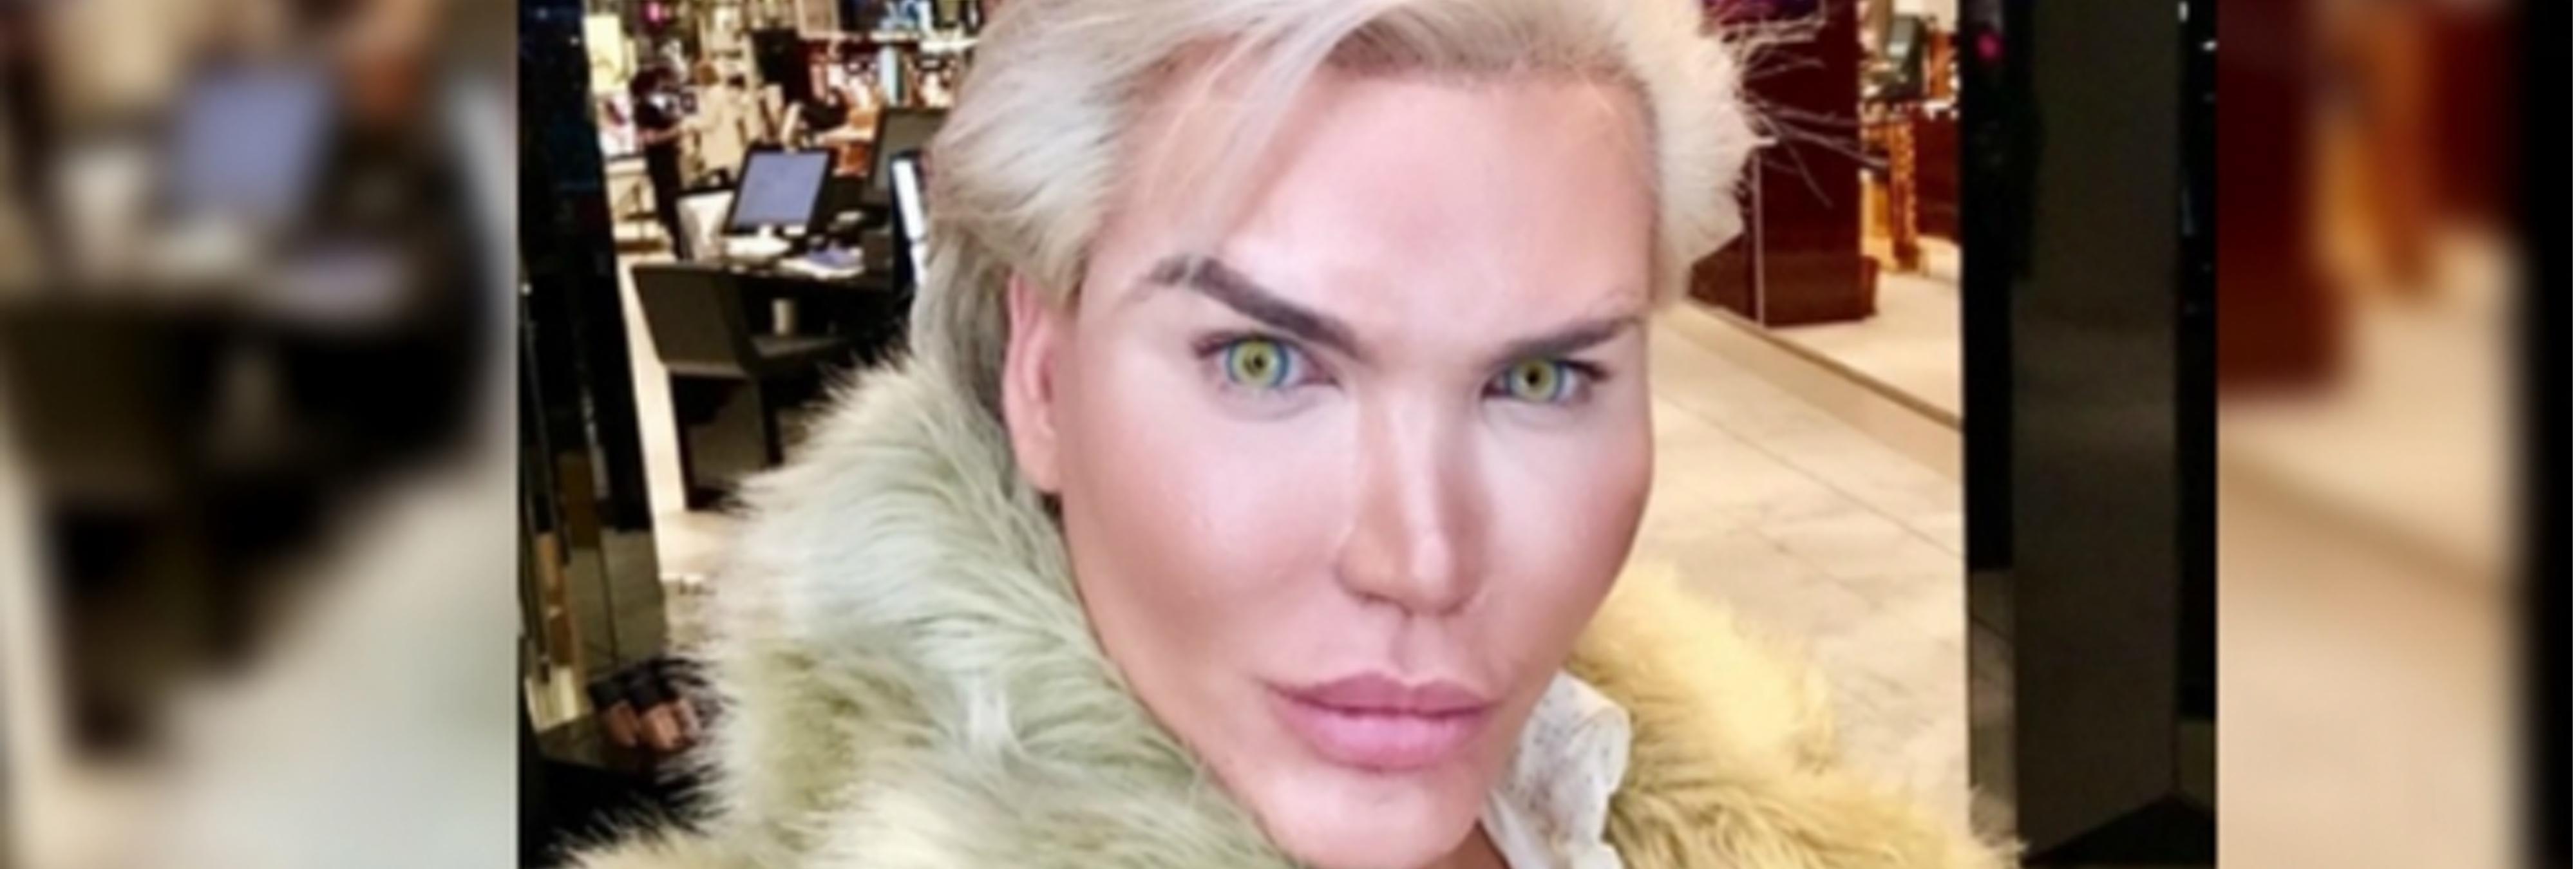 El 'Ken Humano' se opera de nuevo para parecerse al hijo de un narco